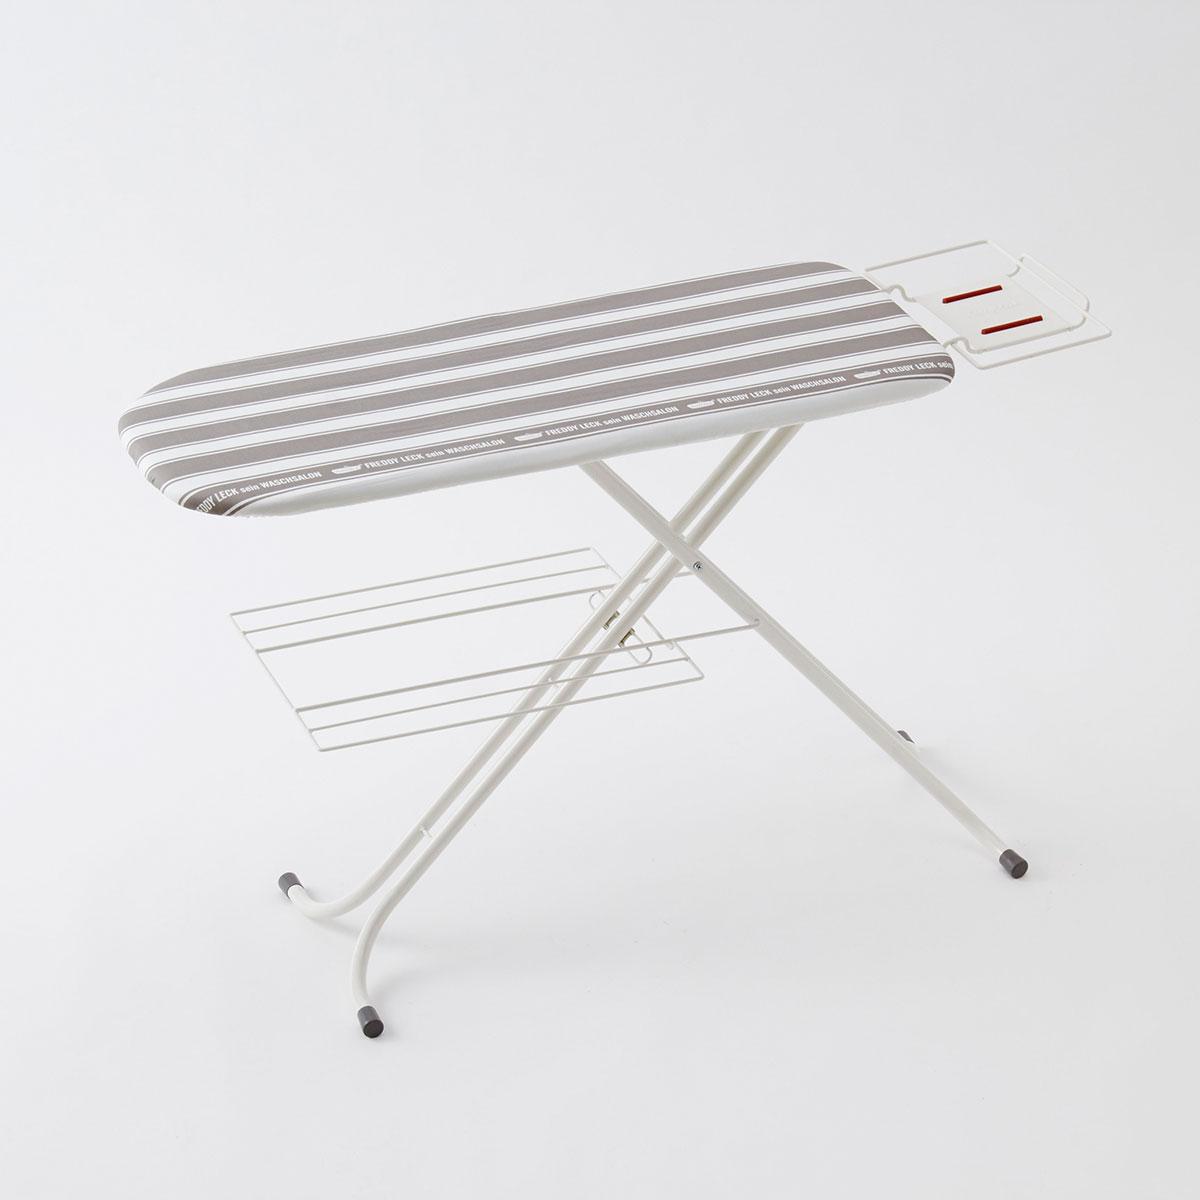 [フレディレック/Freddy Leck アイロニングボードスタンドタイプ]|フレディレックのシンプルでおしゃれなアイロン台は高さが9段階で調節できるので立ったままでも、座っても使えます。